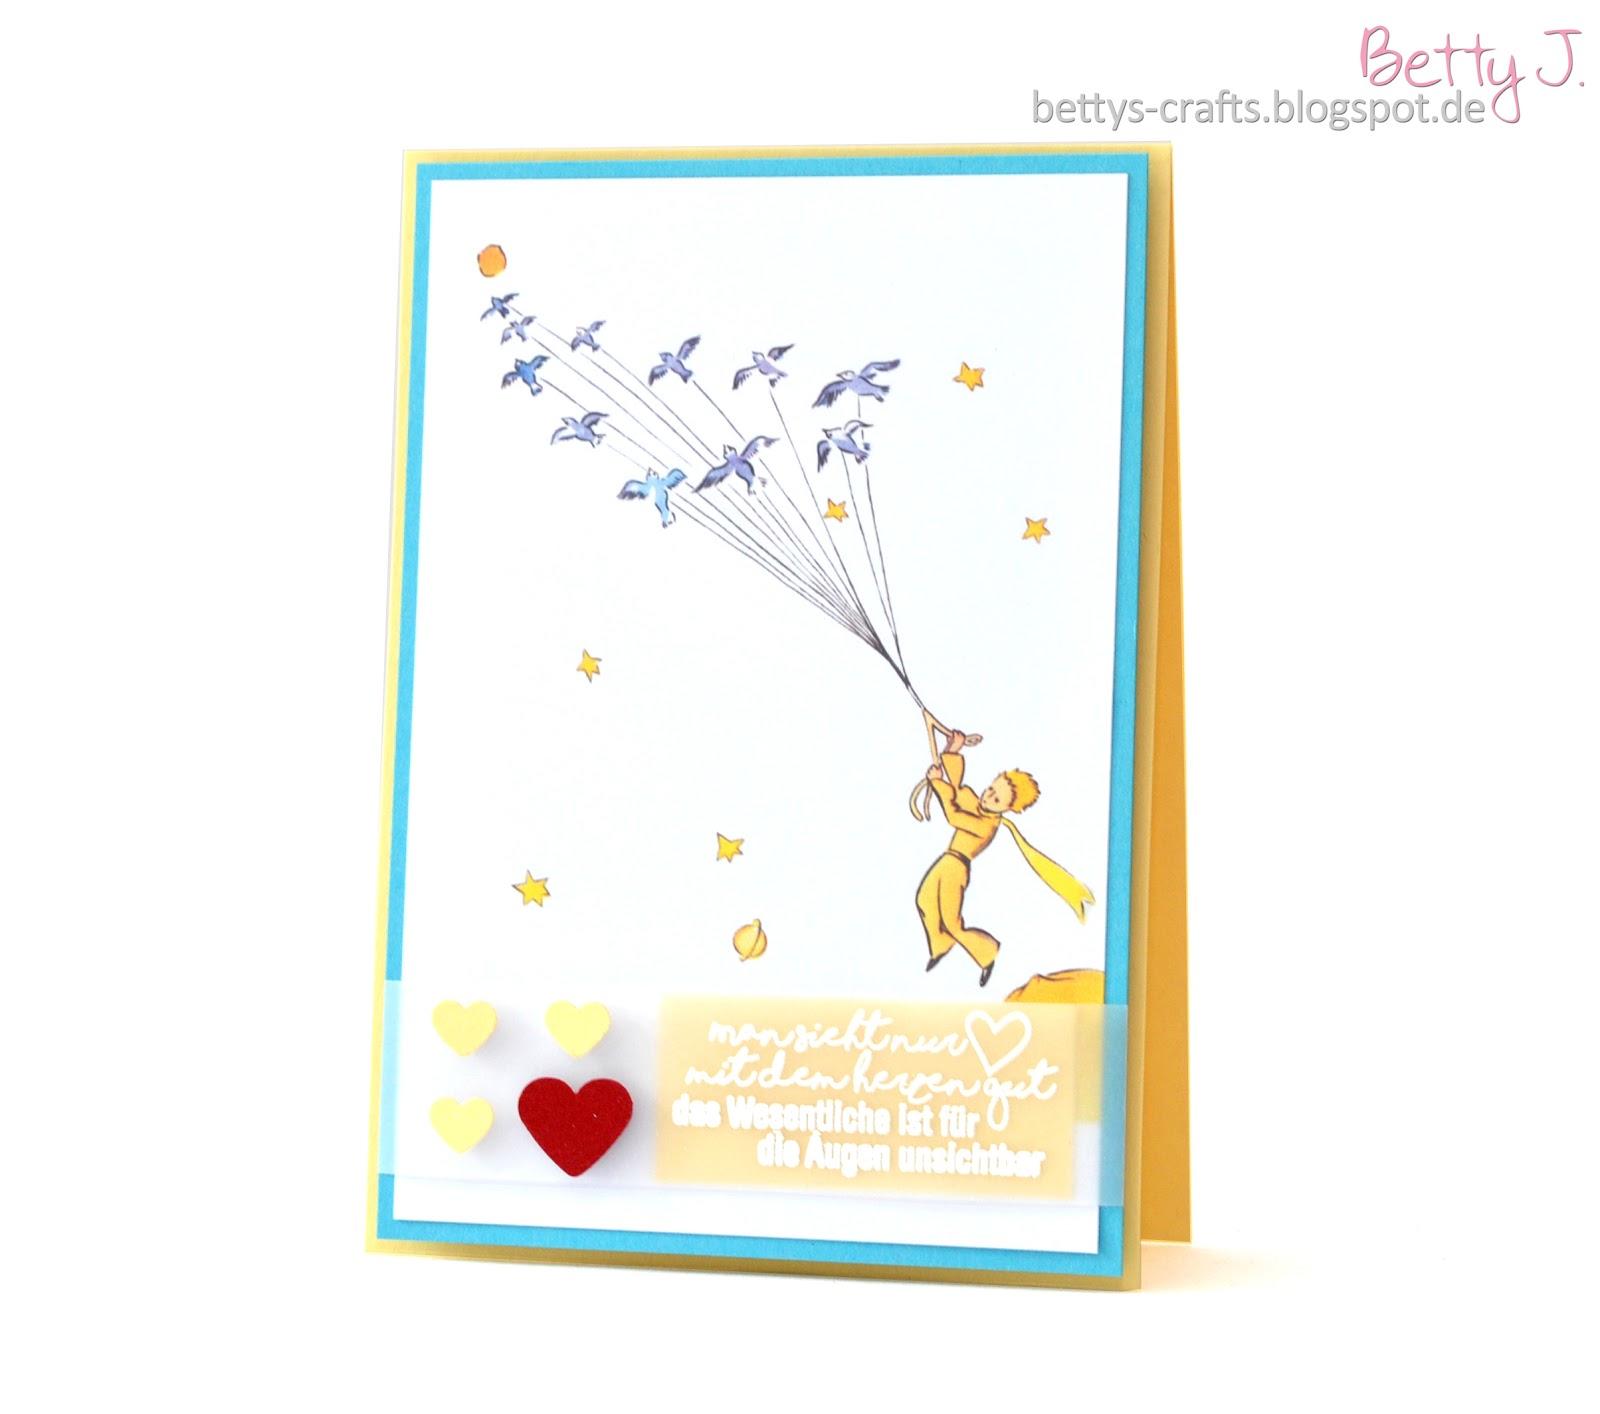 Bettys Crafts Man Sieht Nur Mit Dem Herzen Gut